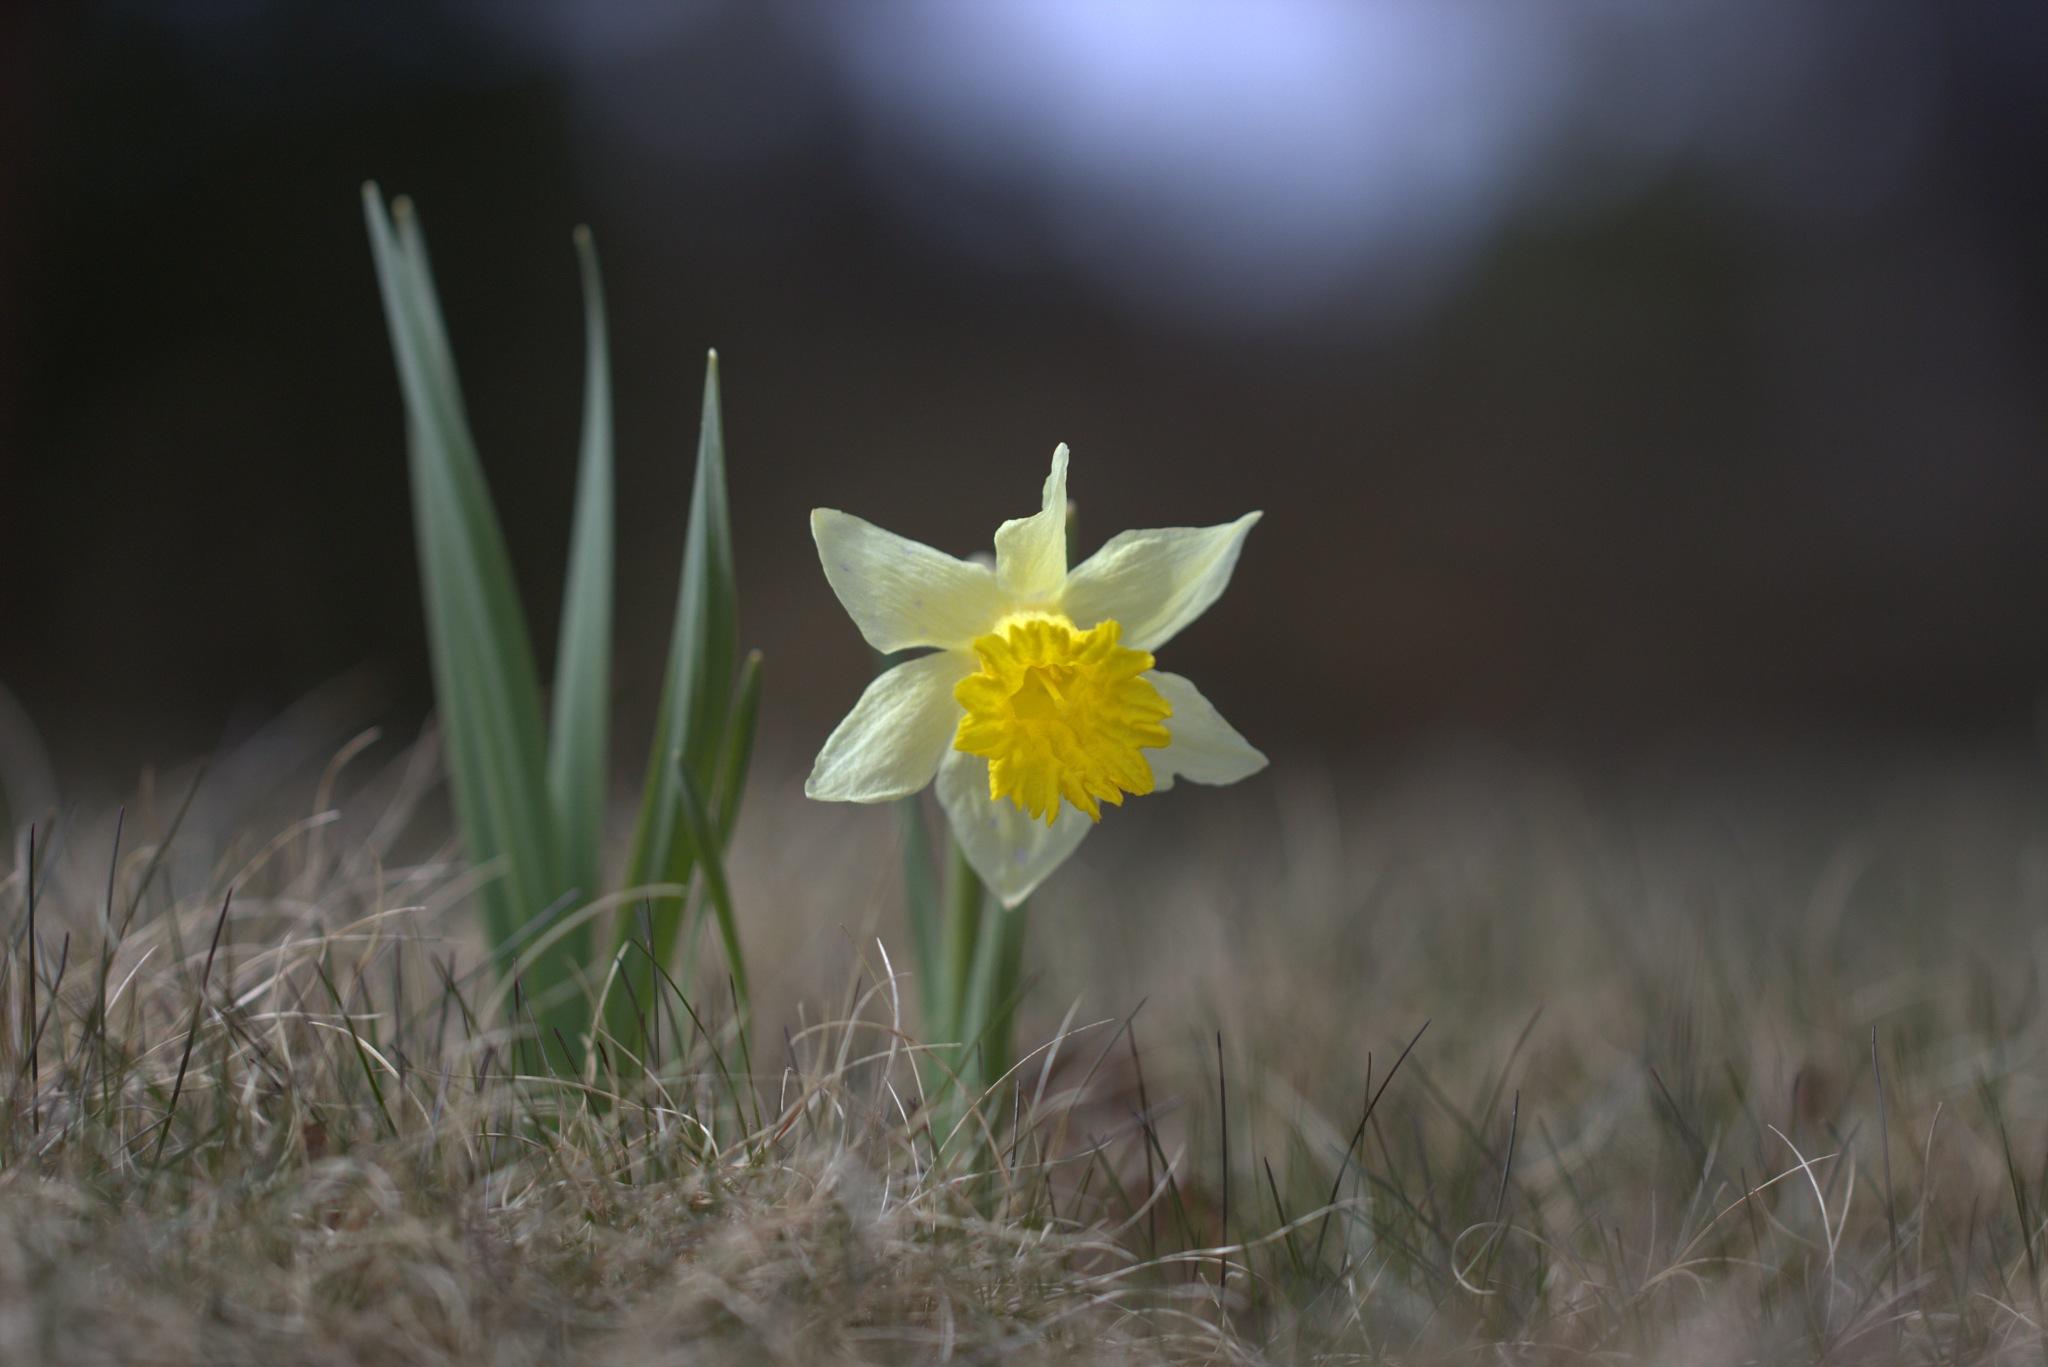 Daffodil by ellenlondalenfaller